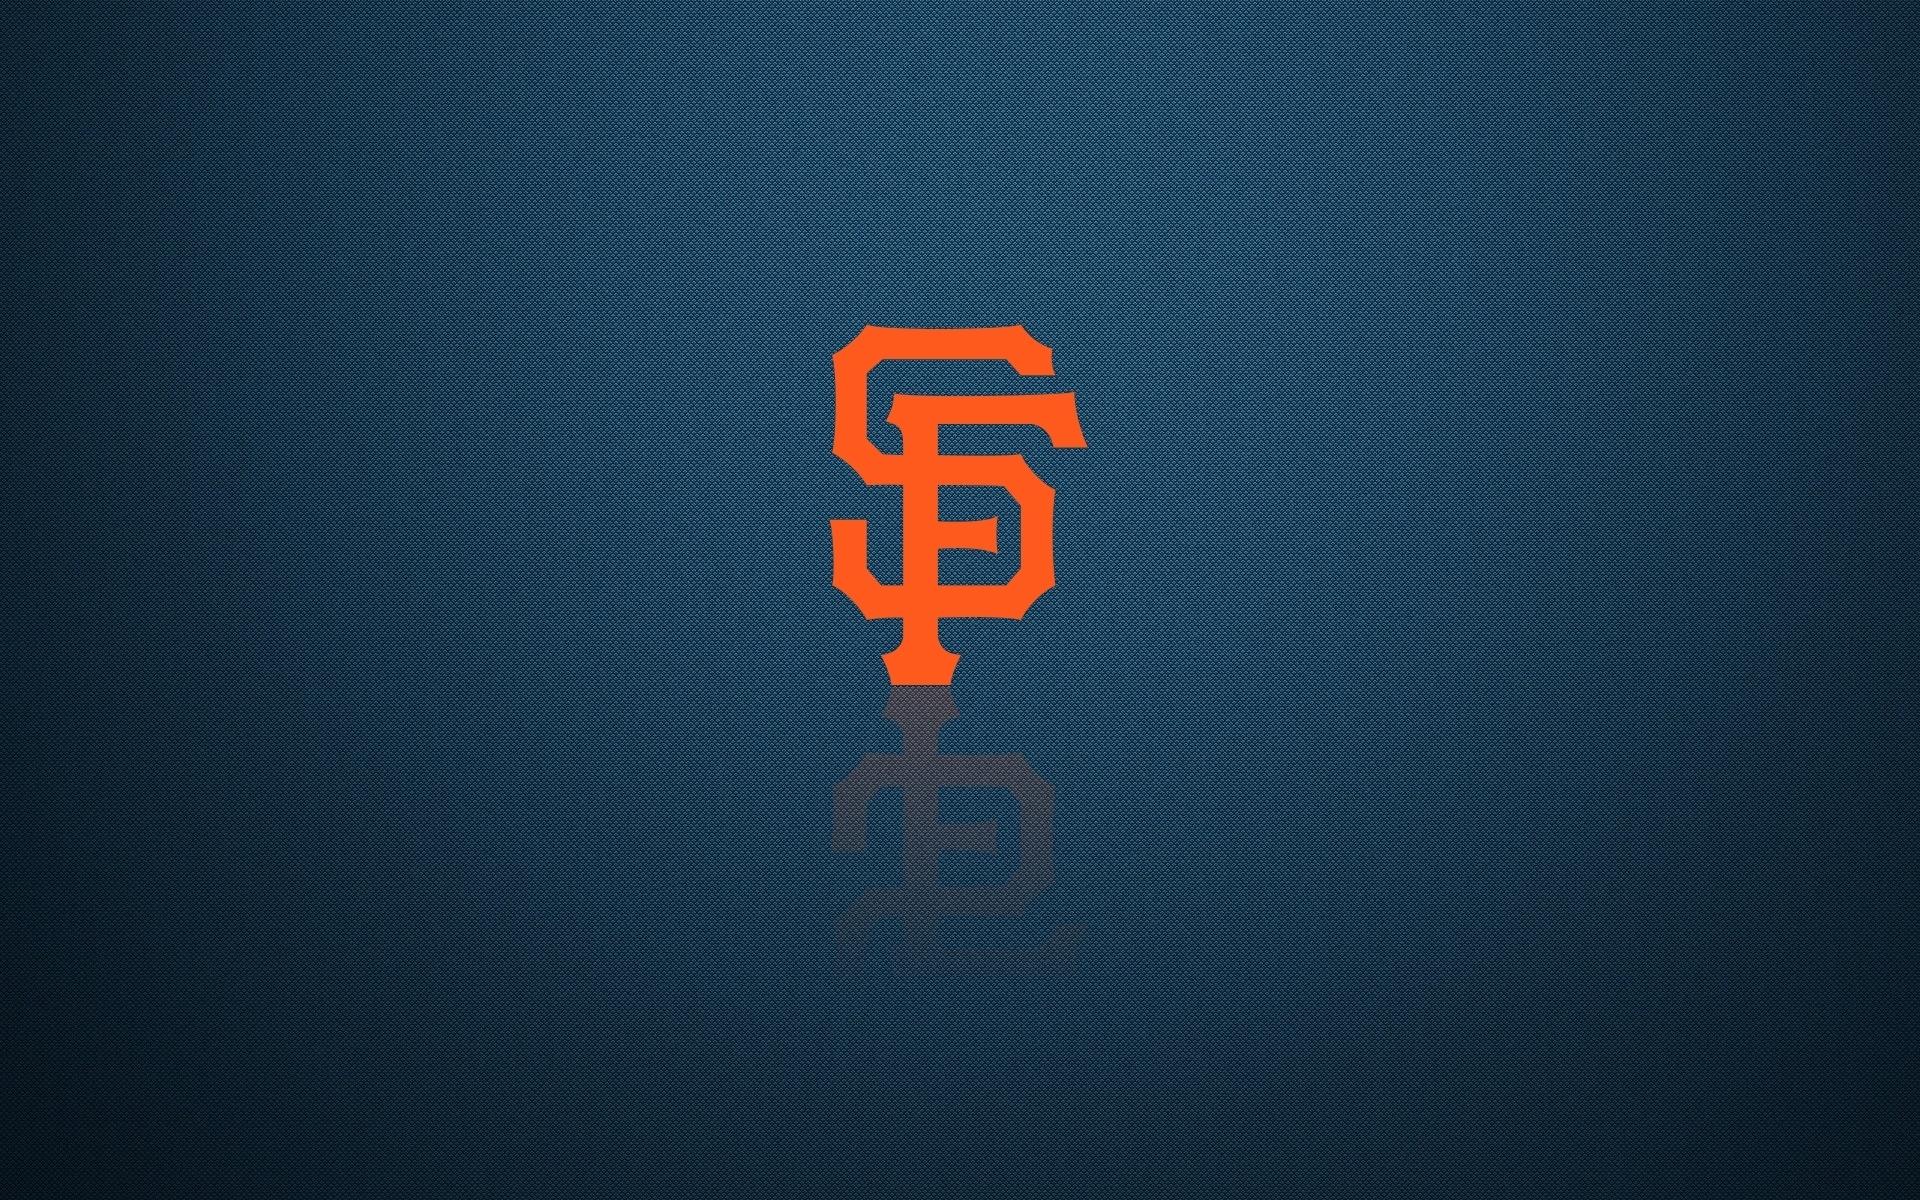 san-francisco-giants-logo-hd-background | wallpaper.wiki